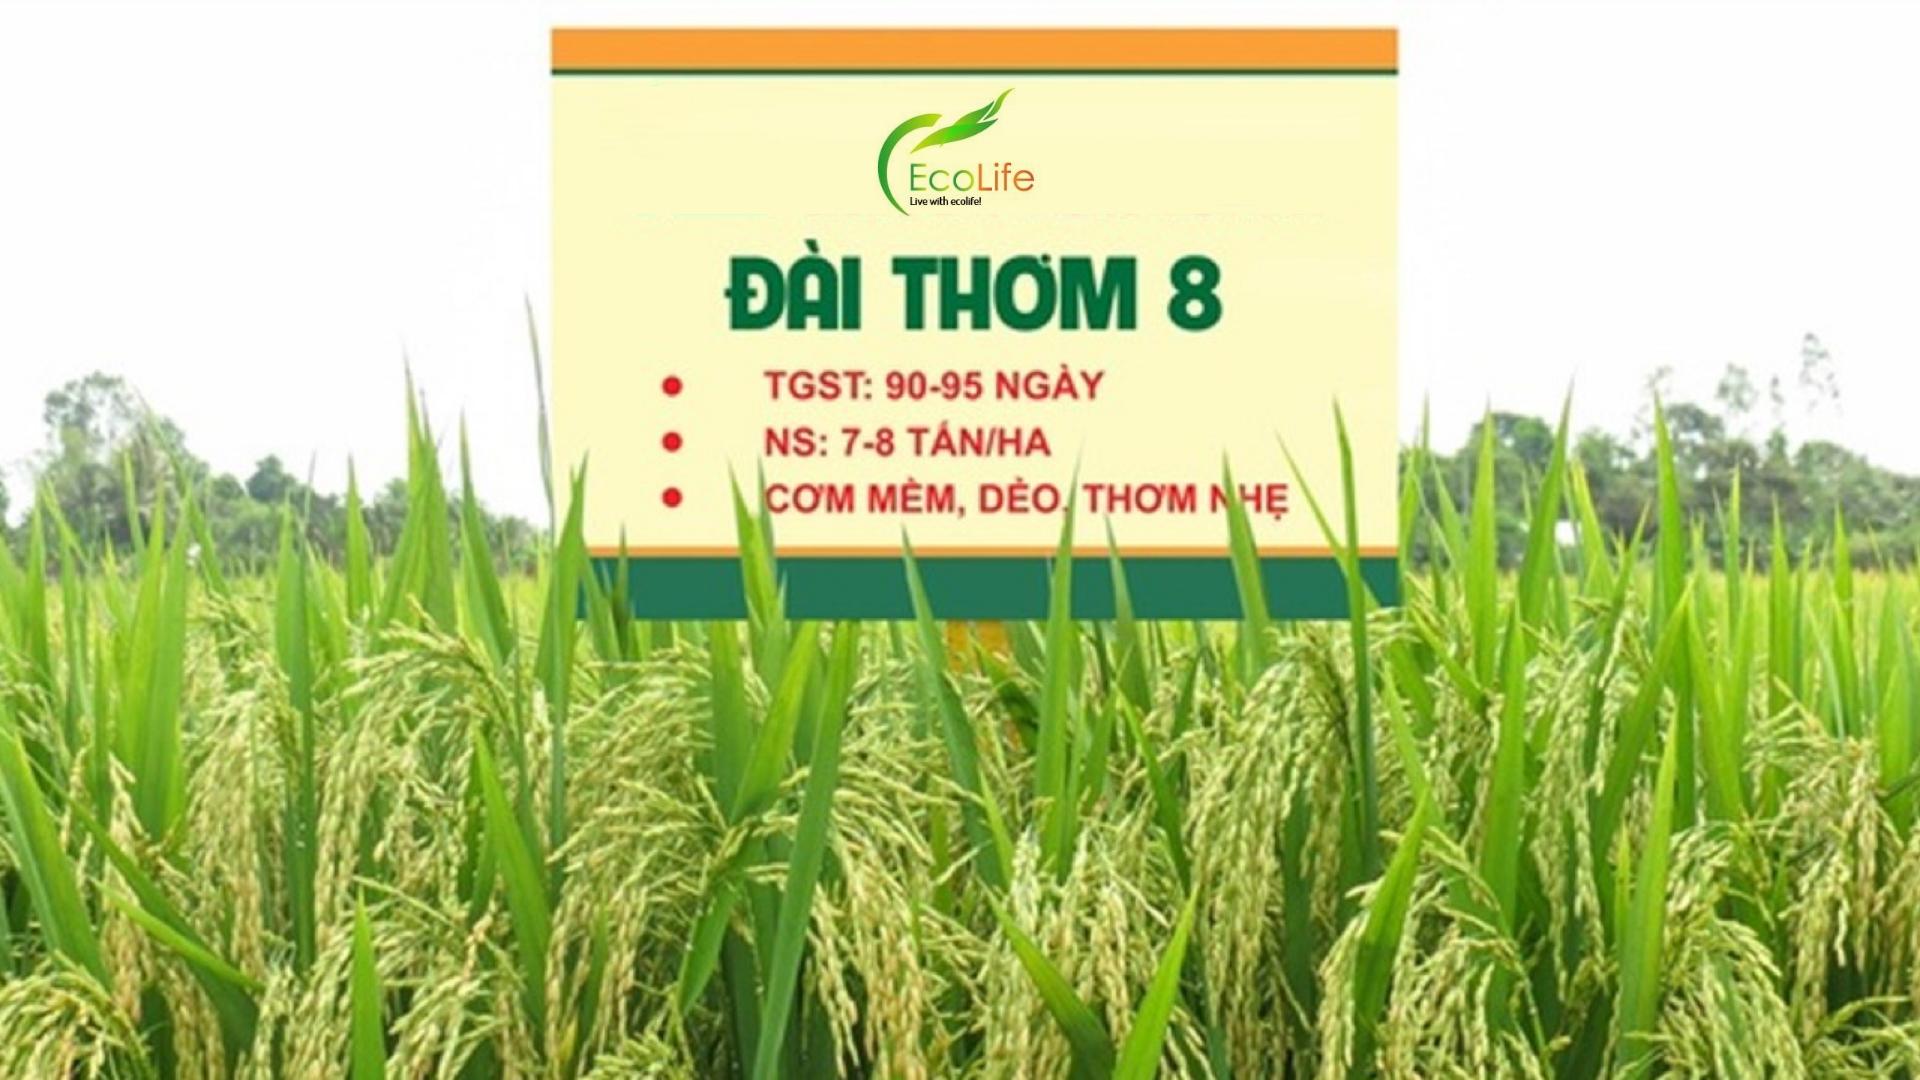 Lúa Đài Thơm 8 được trồng nhiều ở vùng ĐBSCL cho năng suất tốt